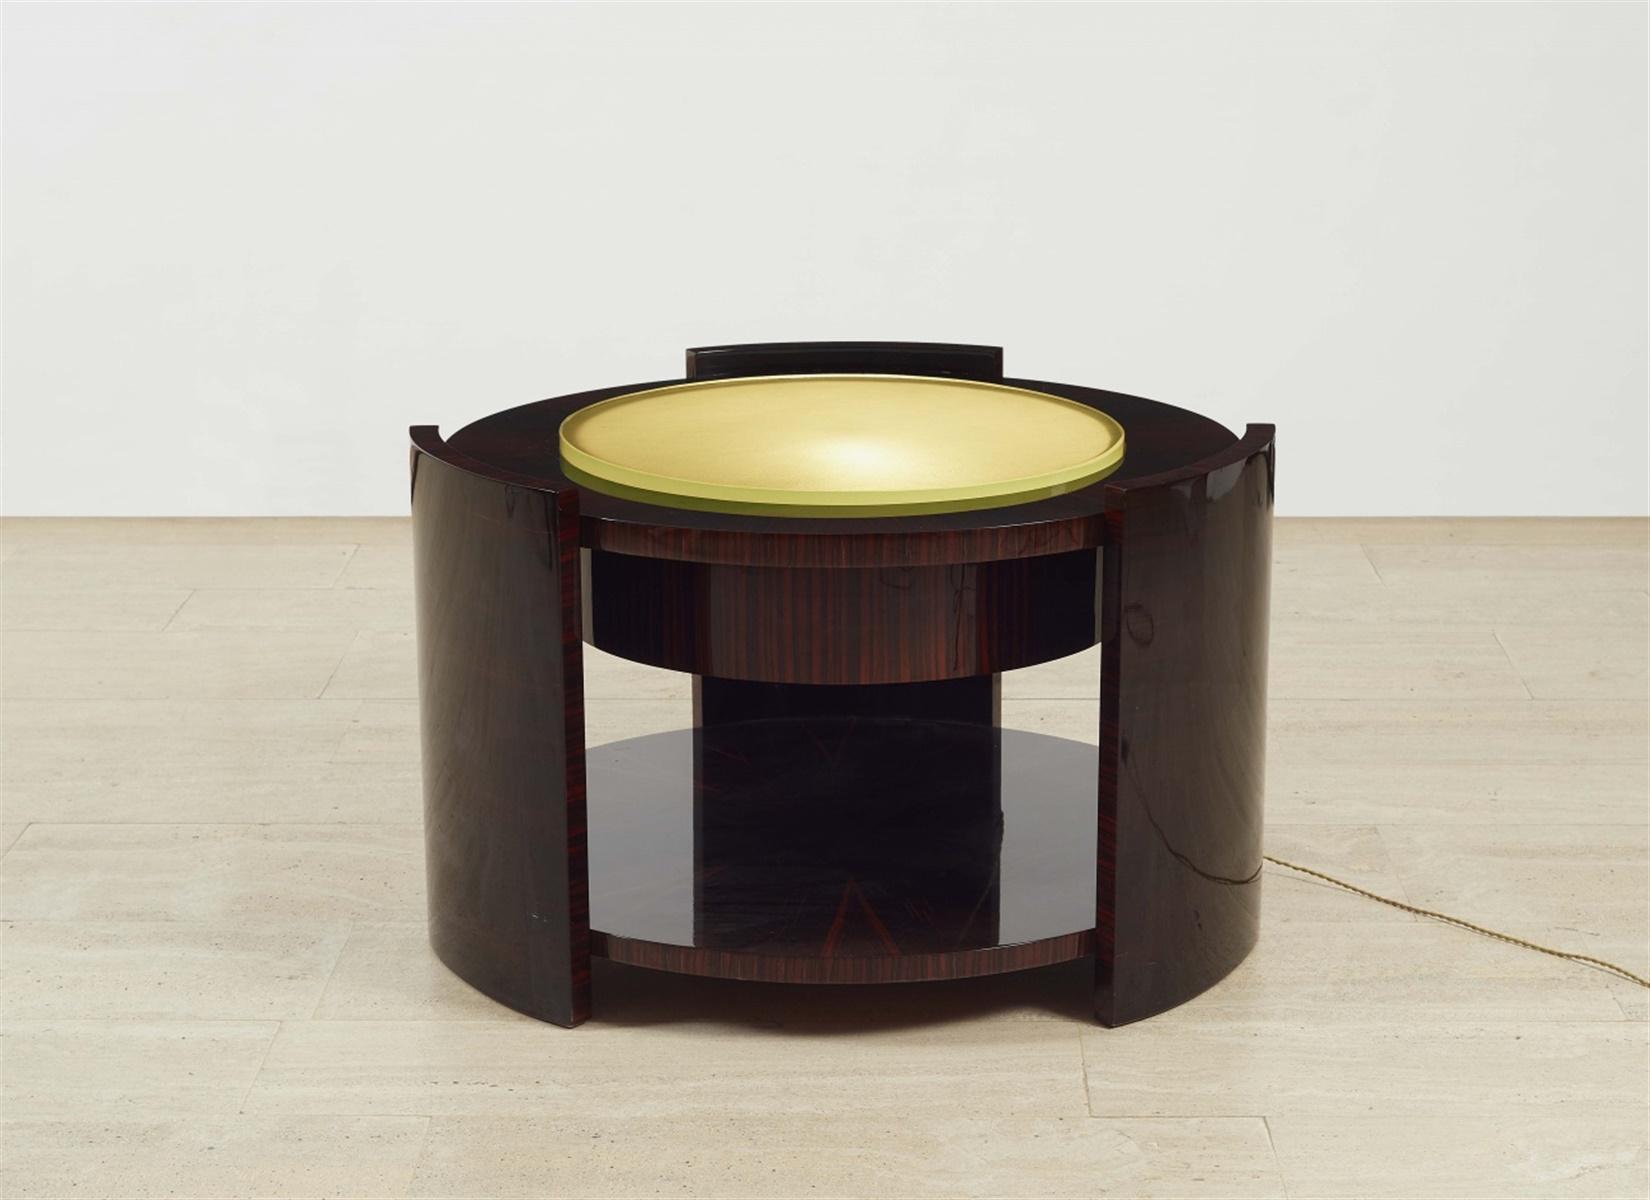 Table bassePalisander furniert, geschliffene Glasplatte, elektrifiziert. H 55,5, D 88 cm. Im Stil